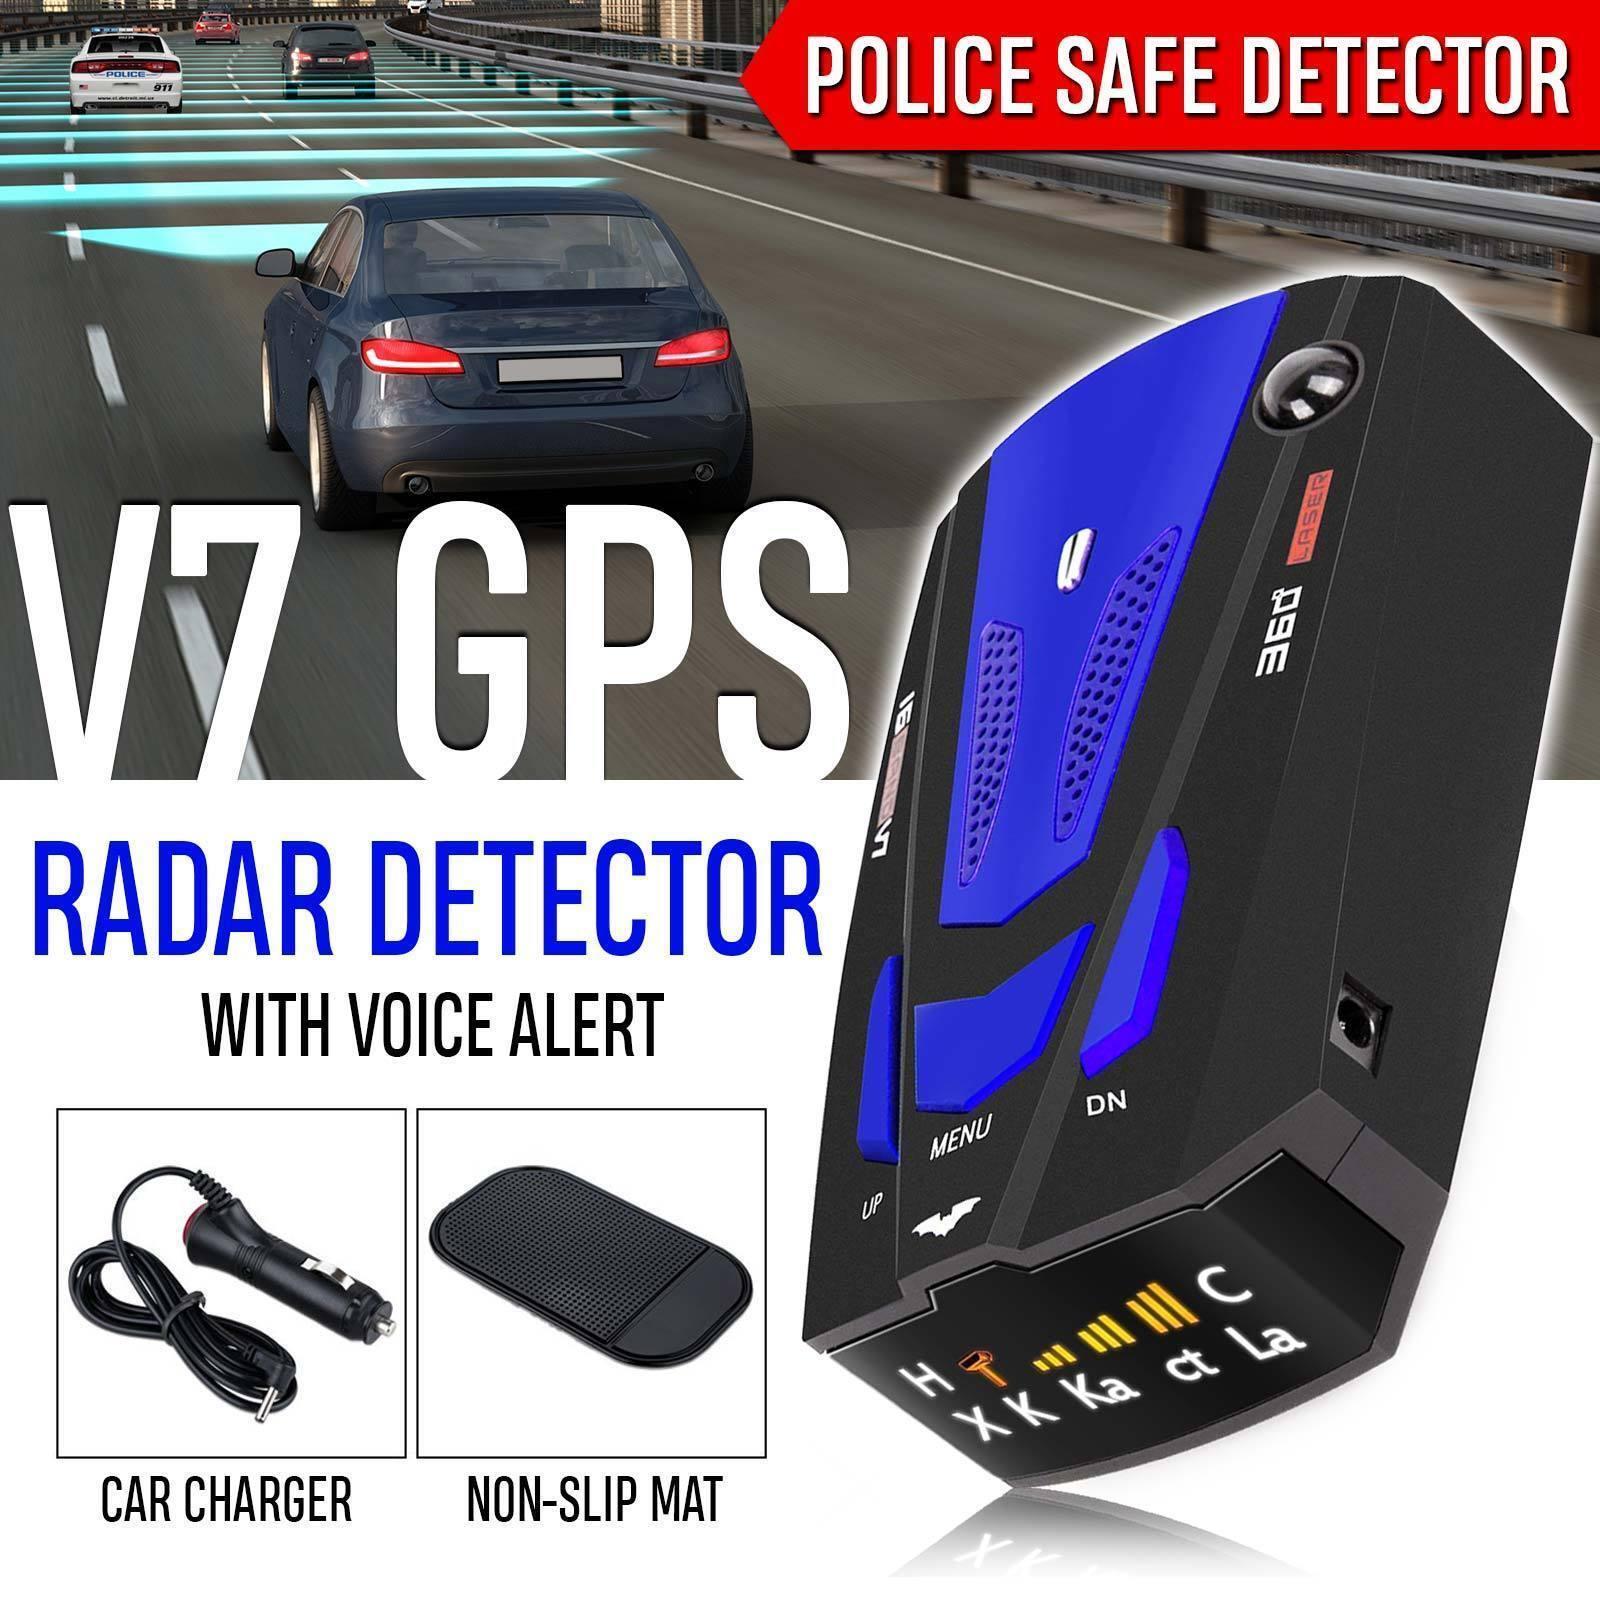 Car Trucker Speed V7 Laser Radar Detector Voice Alert Warning 16 Band Auto Blue